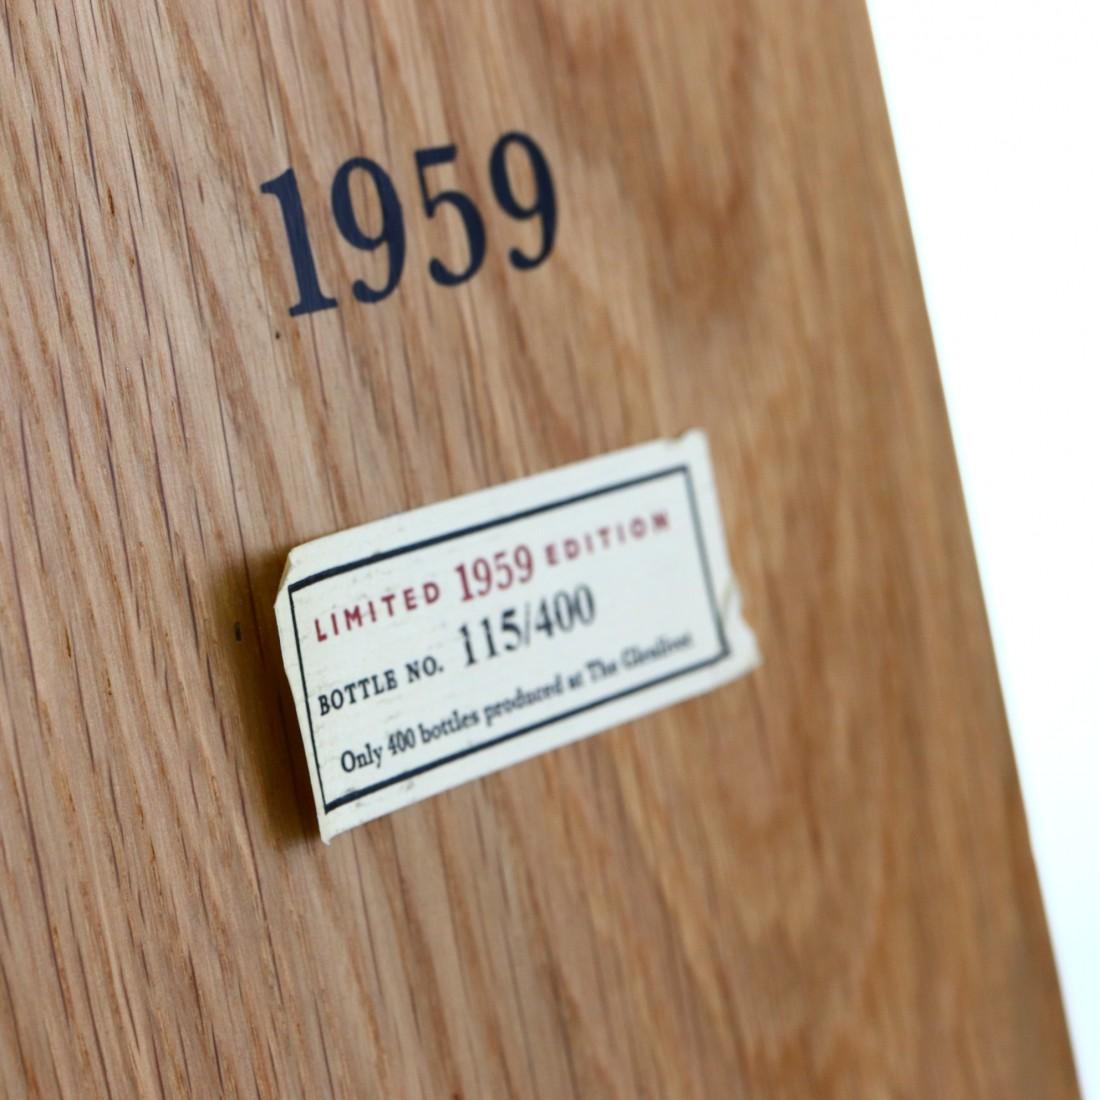 Glenlivet 1959 Cellar Collection